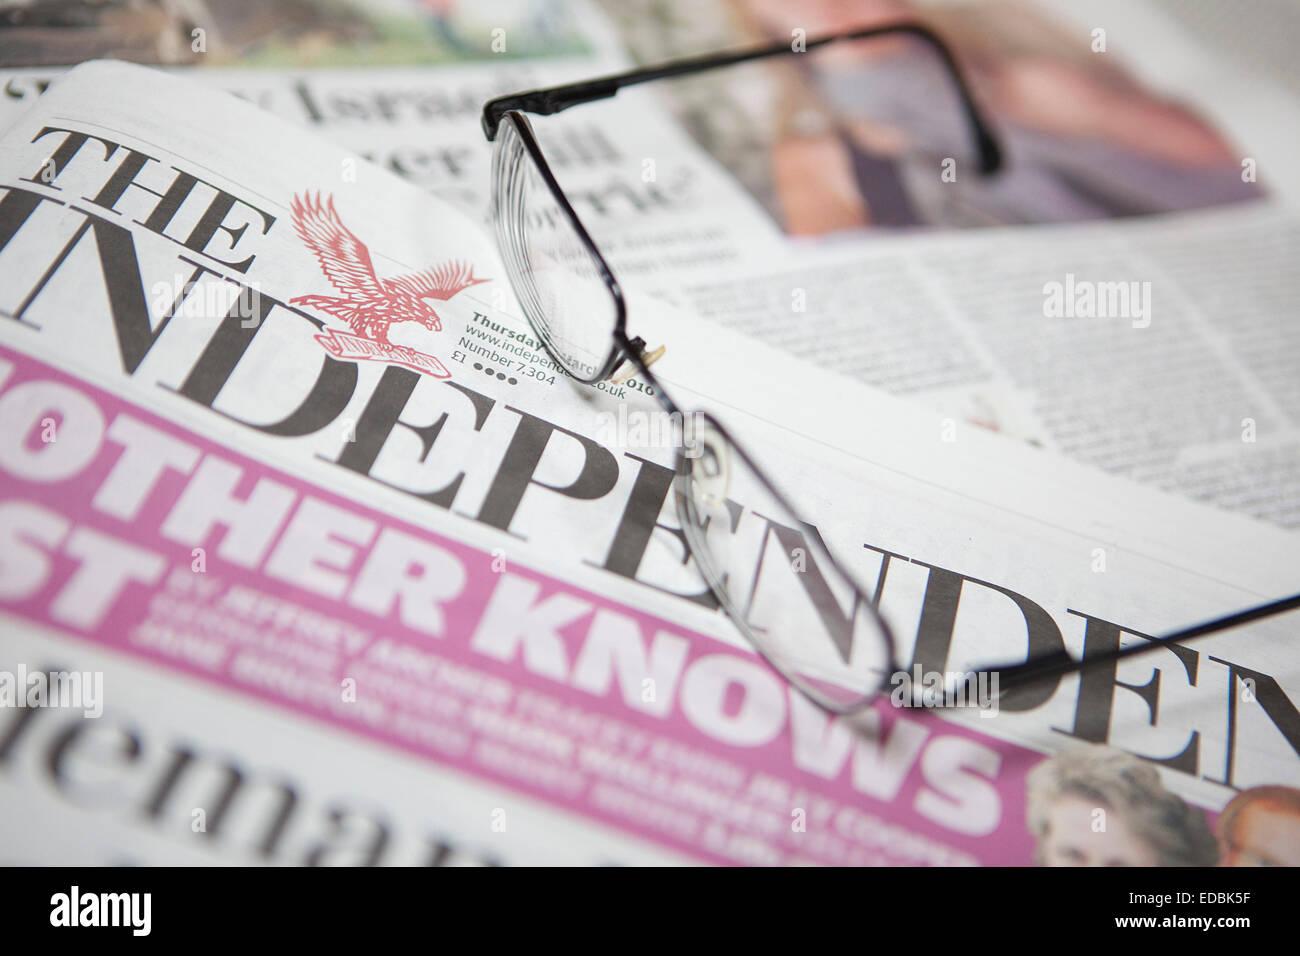 Imagen ilustrativa del periódico independiente Foto de stock